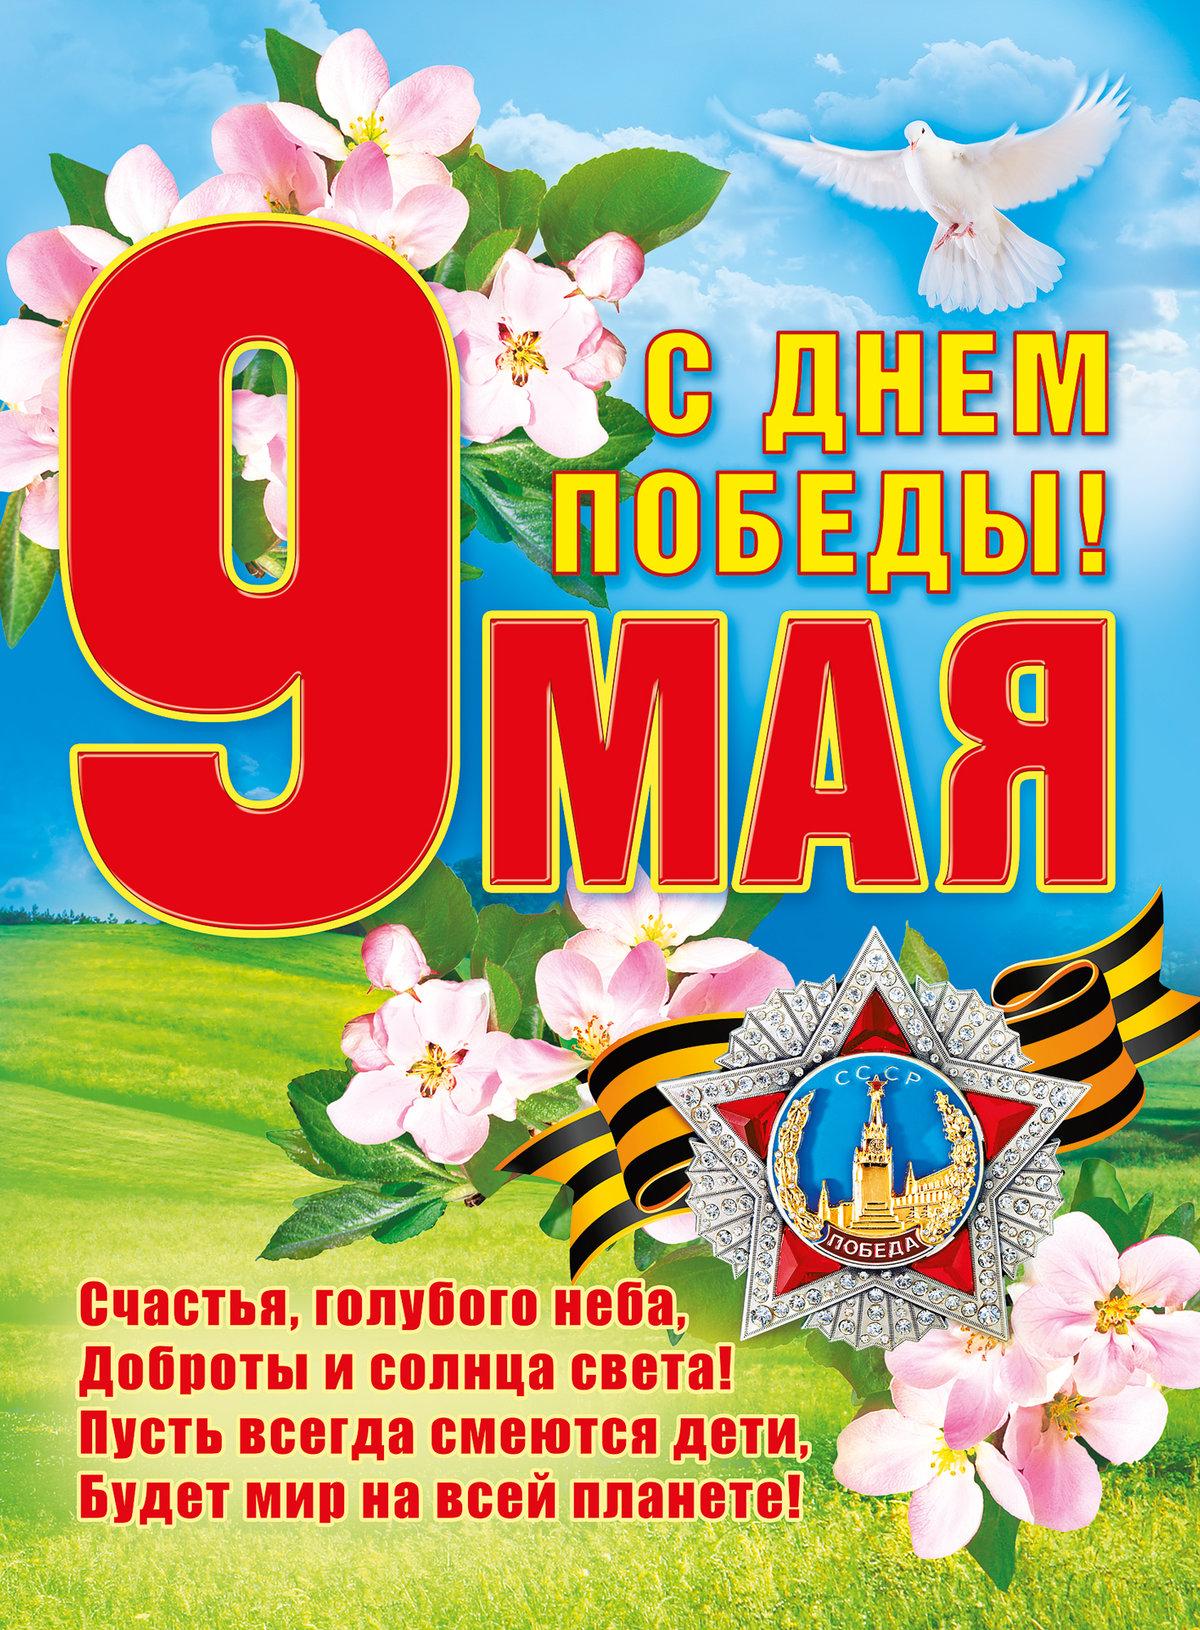 Поздравления на плакаты к 9 мая